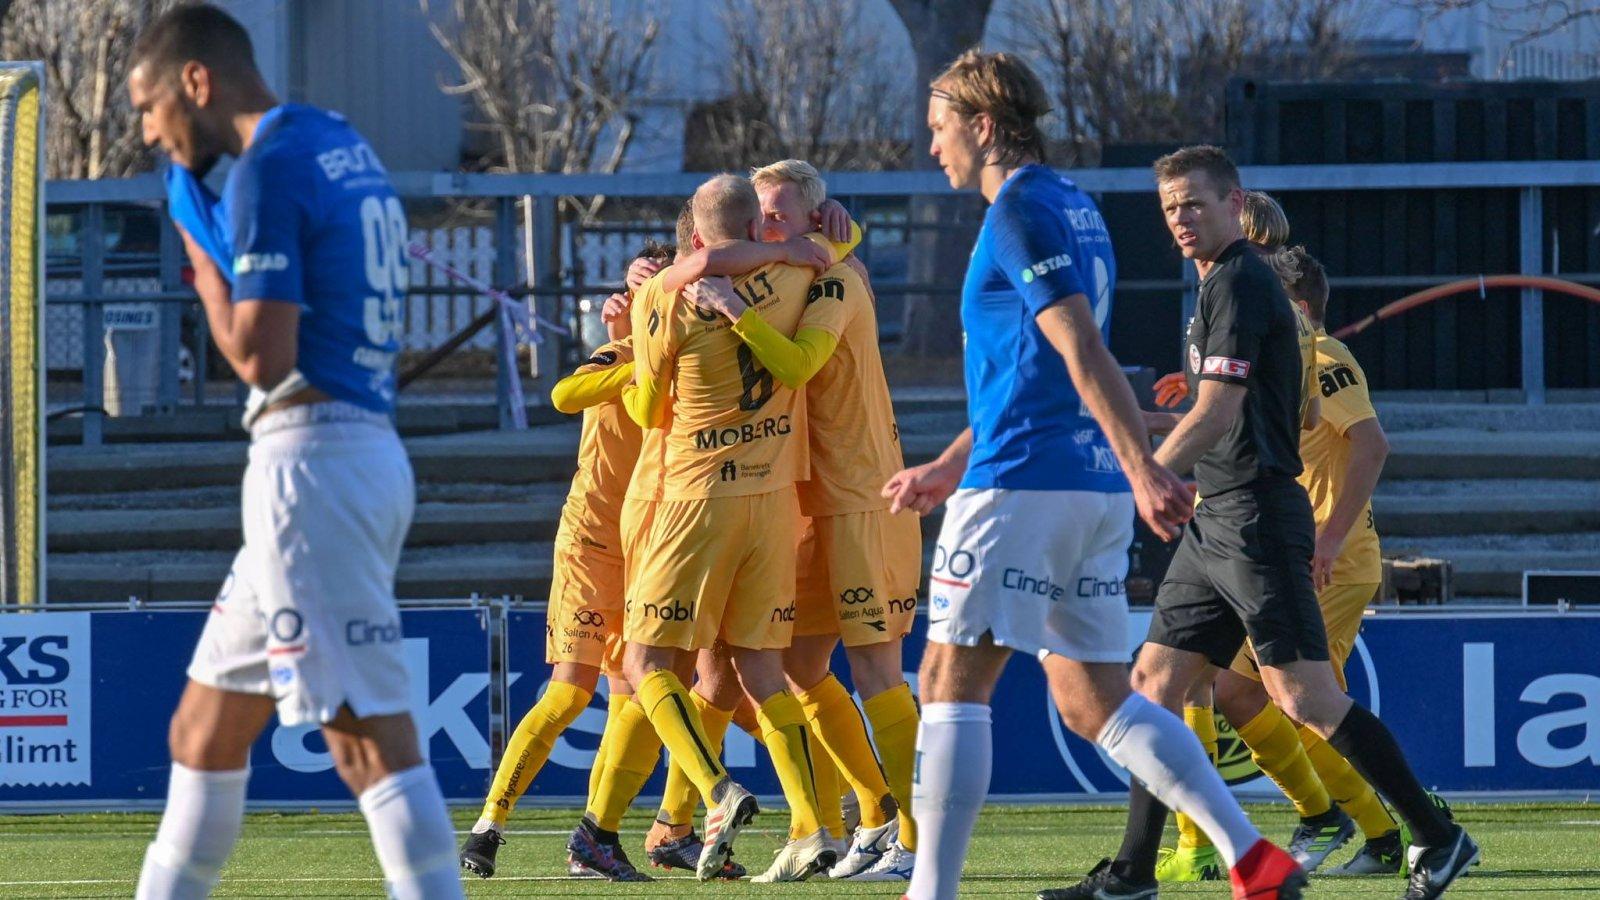 Det ble seier da Bodø/Glimt tok i mot Molde på hjemmebane.